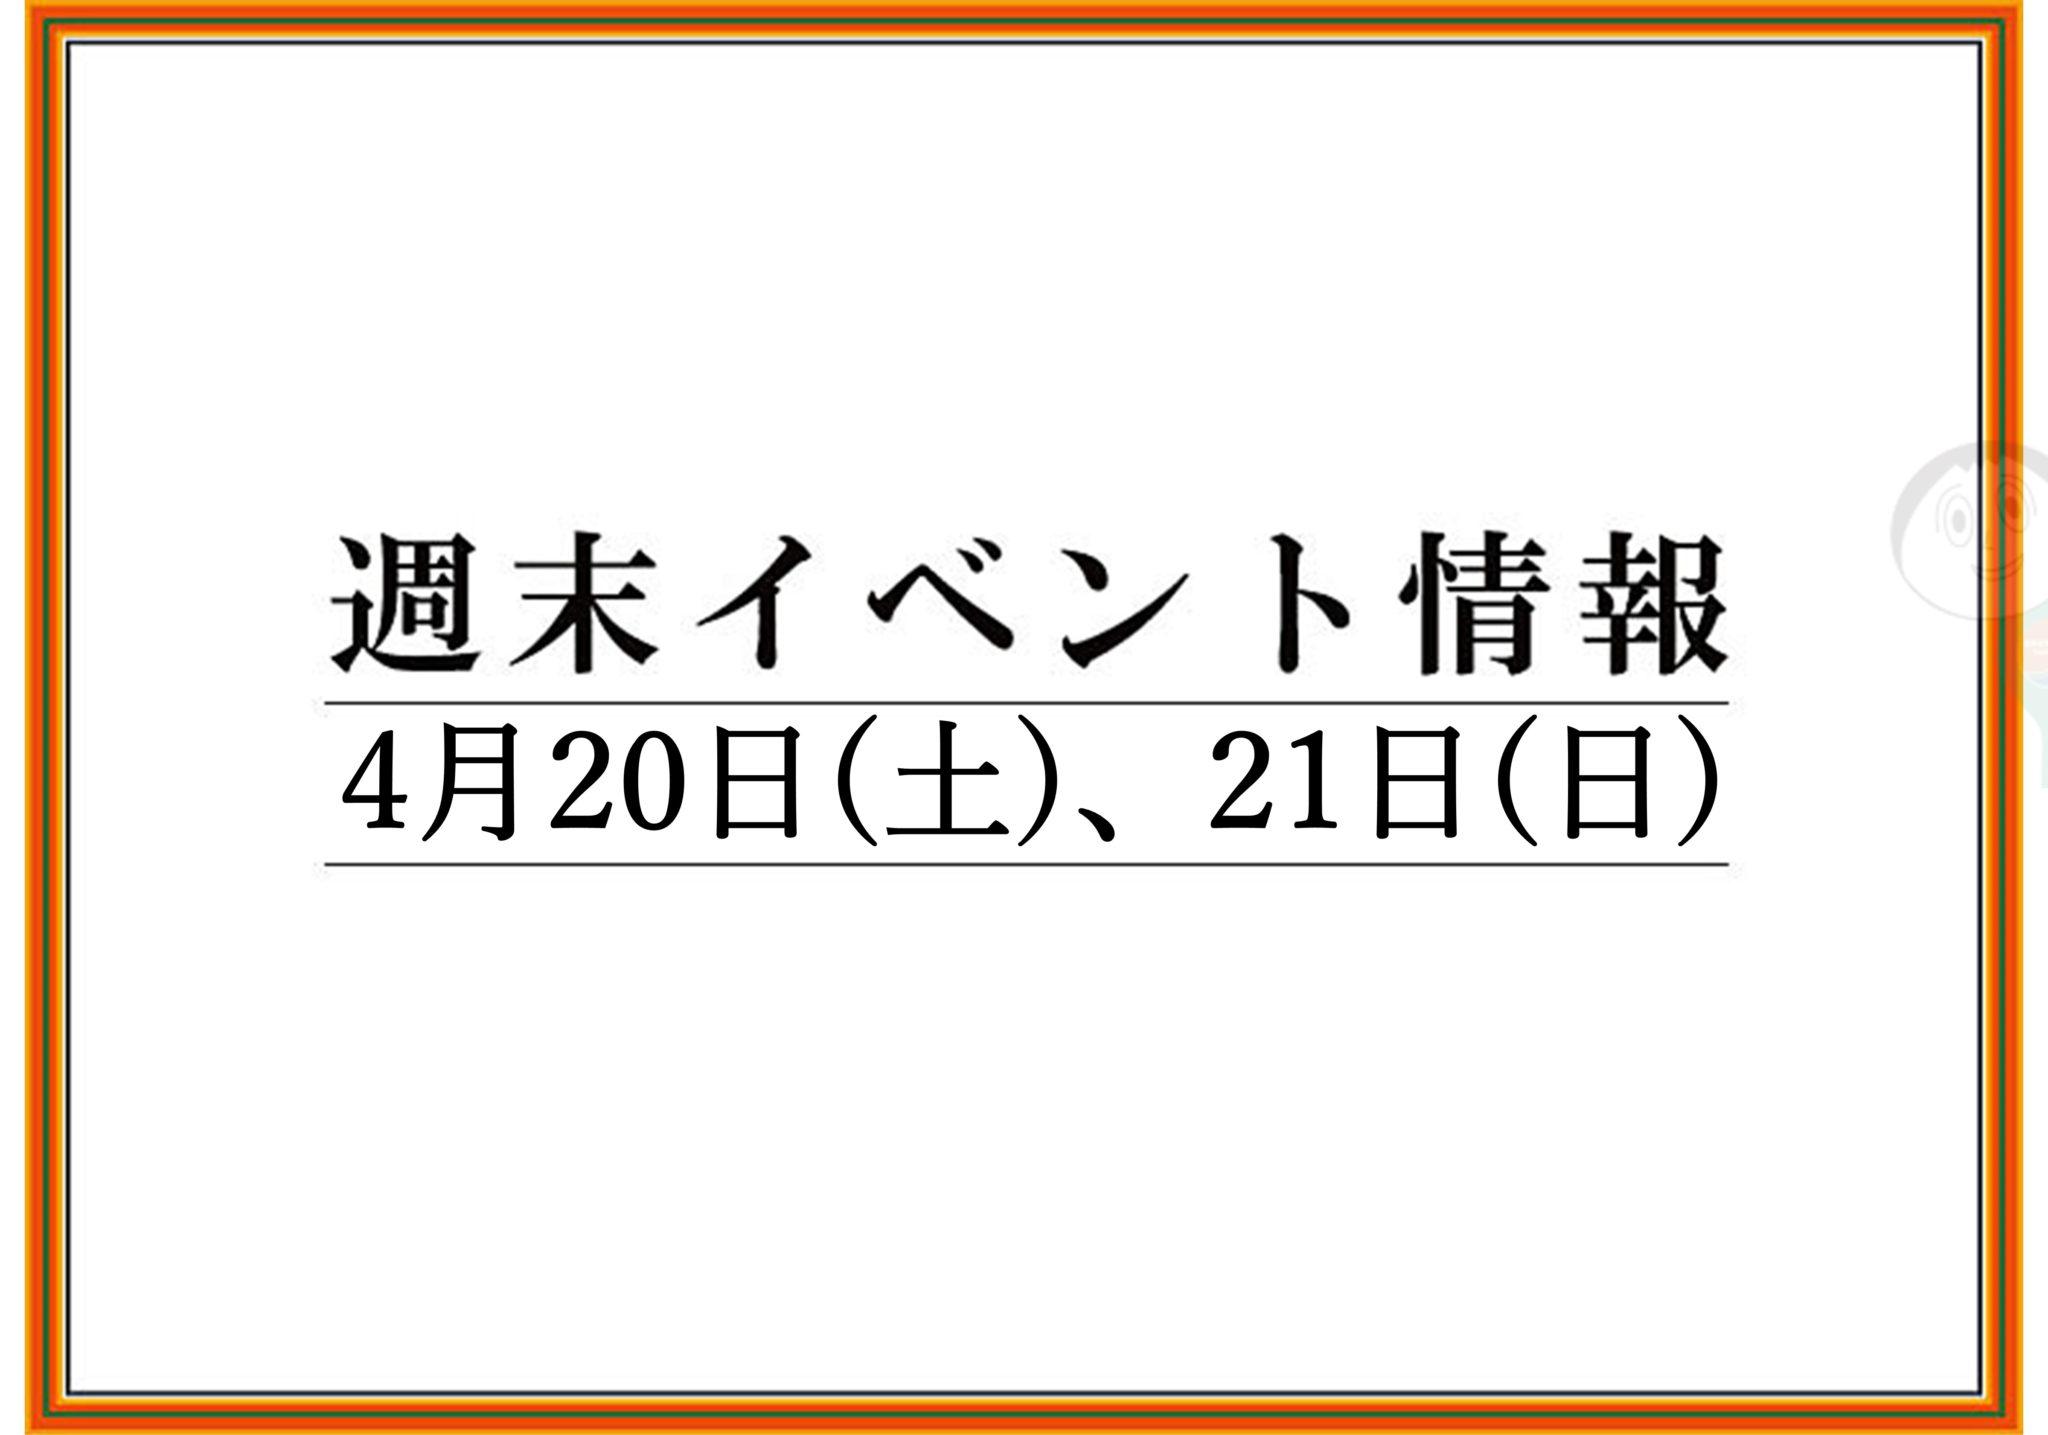 山形/上山/天童の週末イベント情報 4月20日(土),21日(日)